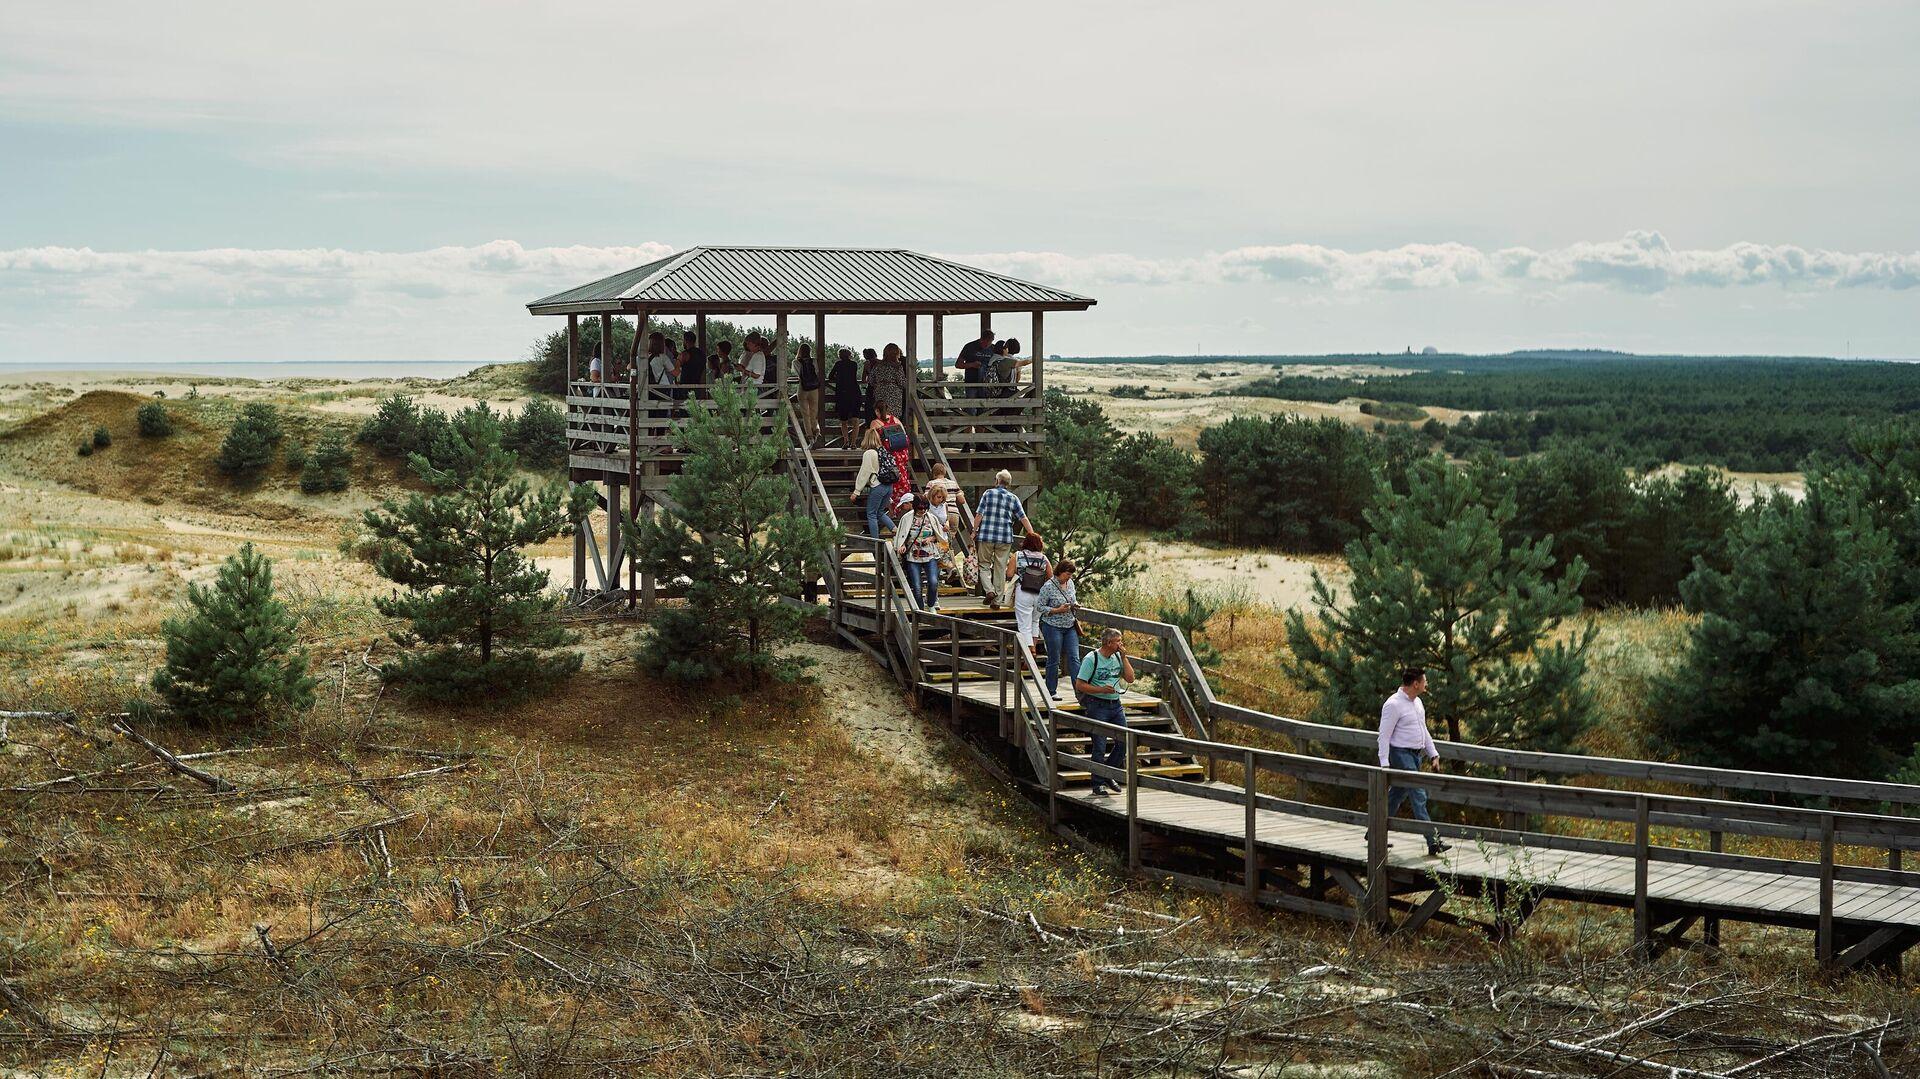 Туристы смотрят на дюны с высоты Эфа в национальном парке Куршская коса в Калининградской области - РИА Новости, 1920, 02.06.2021